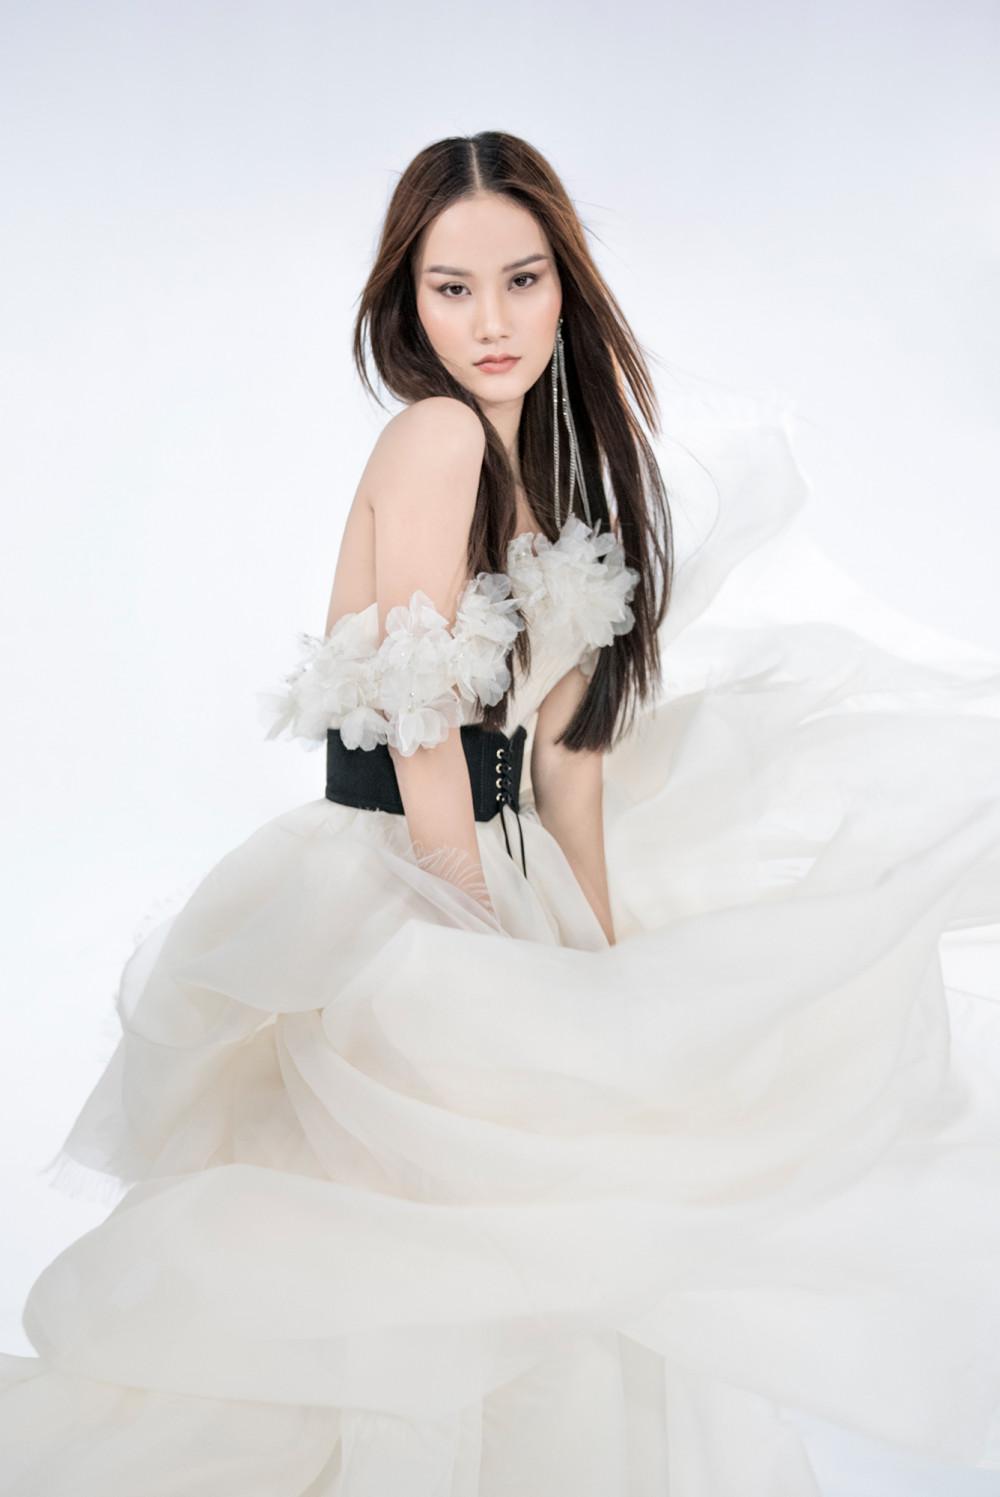 Một mẫu đầm trắng cầu kỳ, xử lý chất liệu tinh tế. La Muse là BST thứ 5 của NTK Trần Hùng được xuất hiện trên trang chủ London Fashion Week sau các BST: Feminism, Menswear, Revival, Musée D'Art.